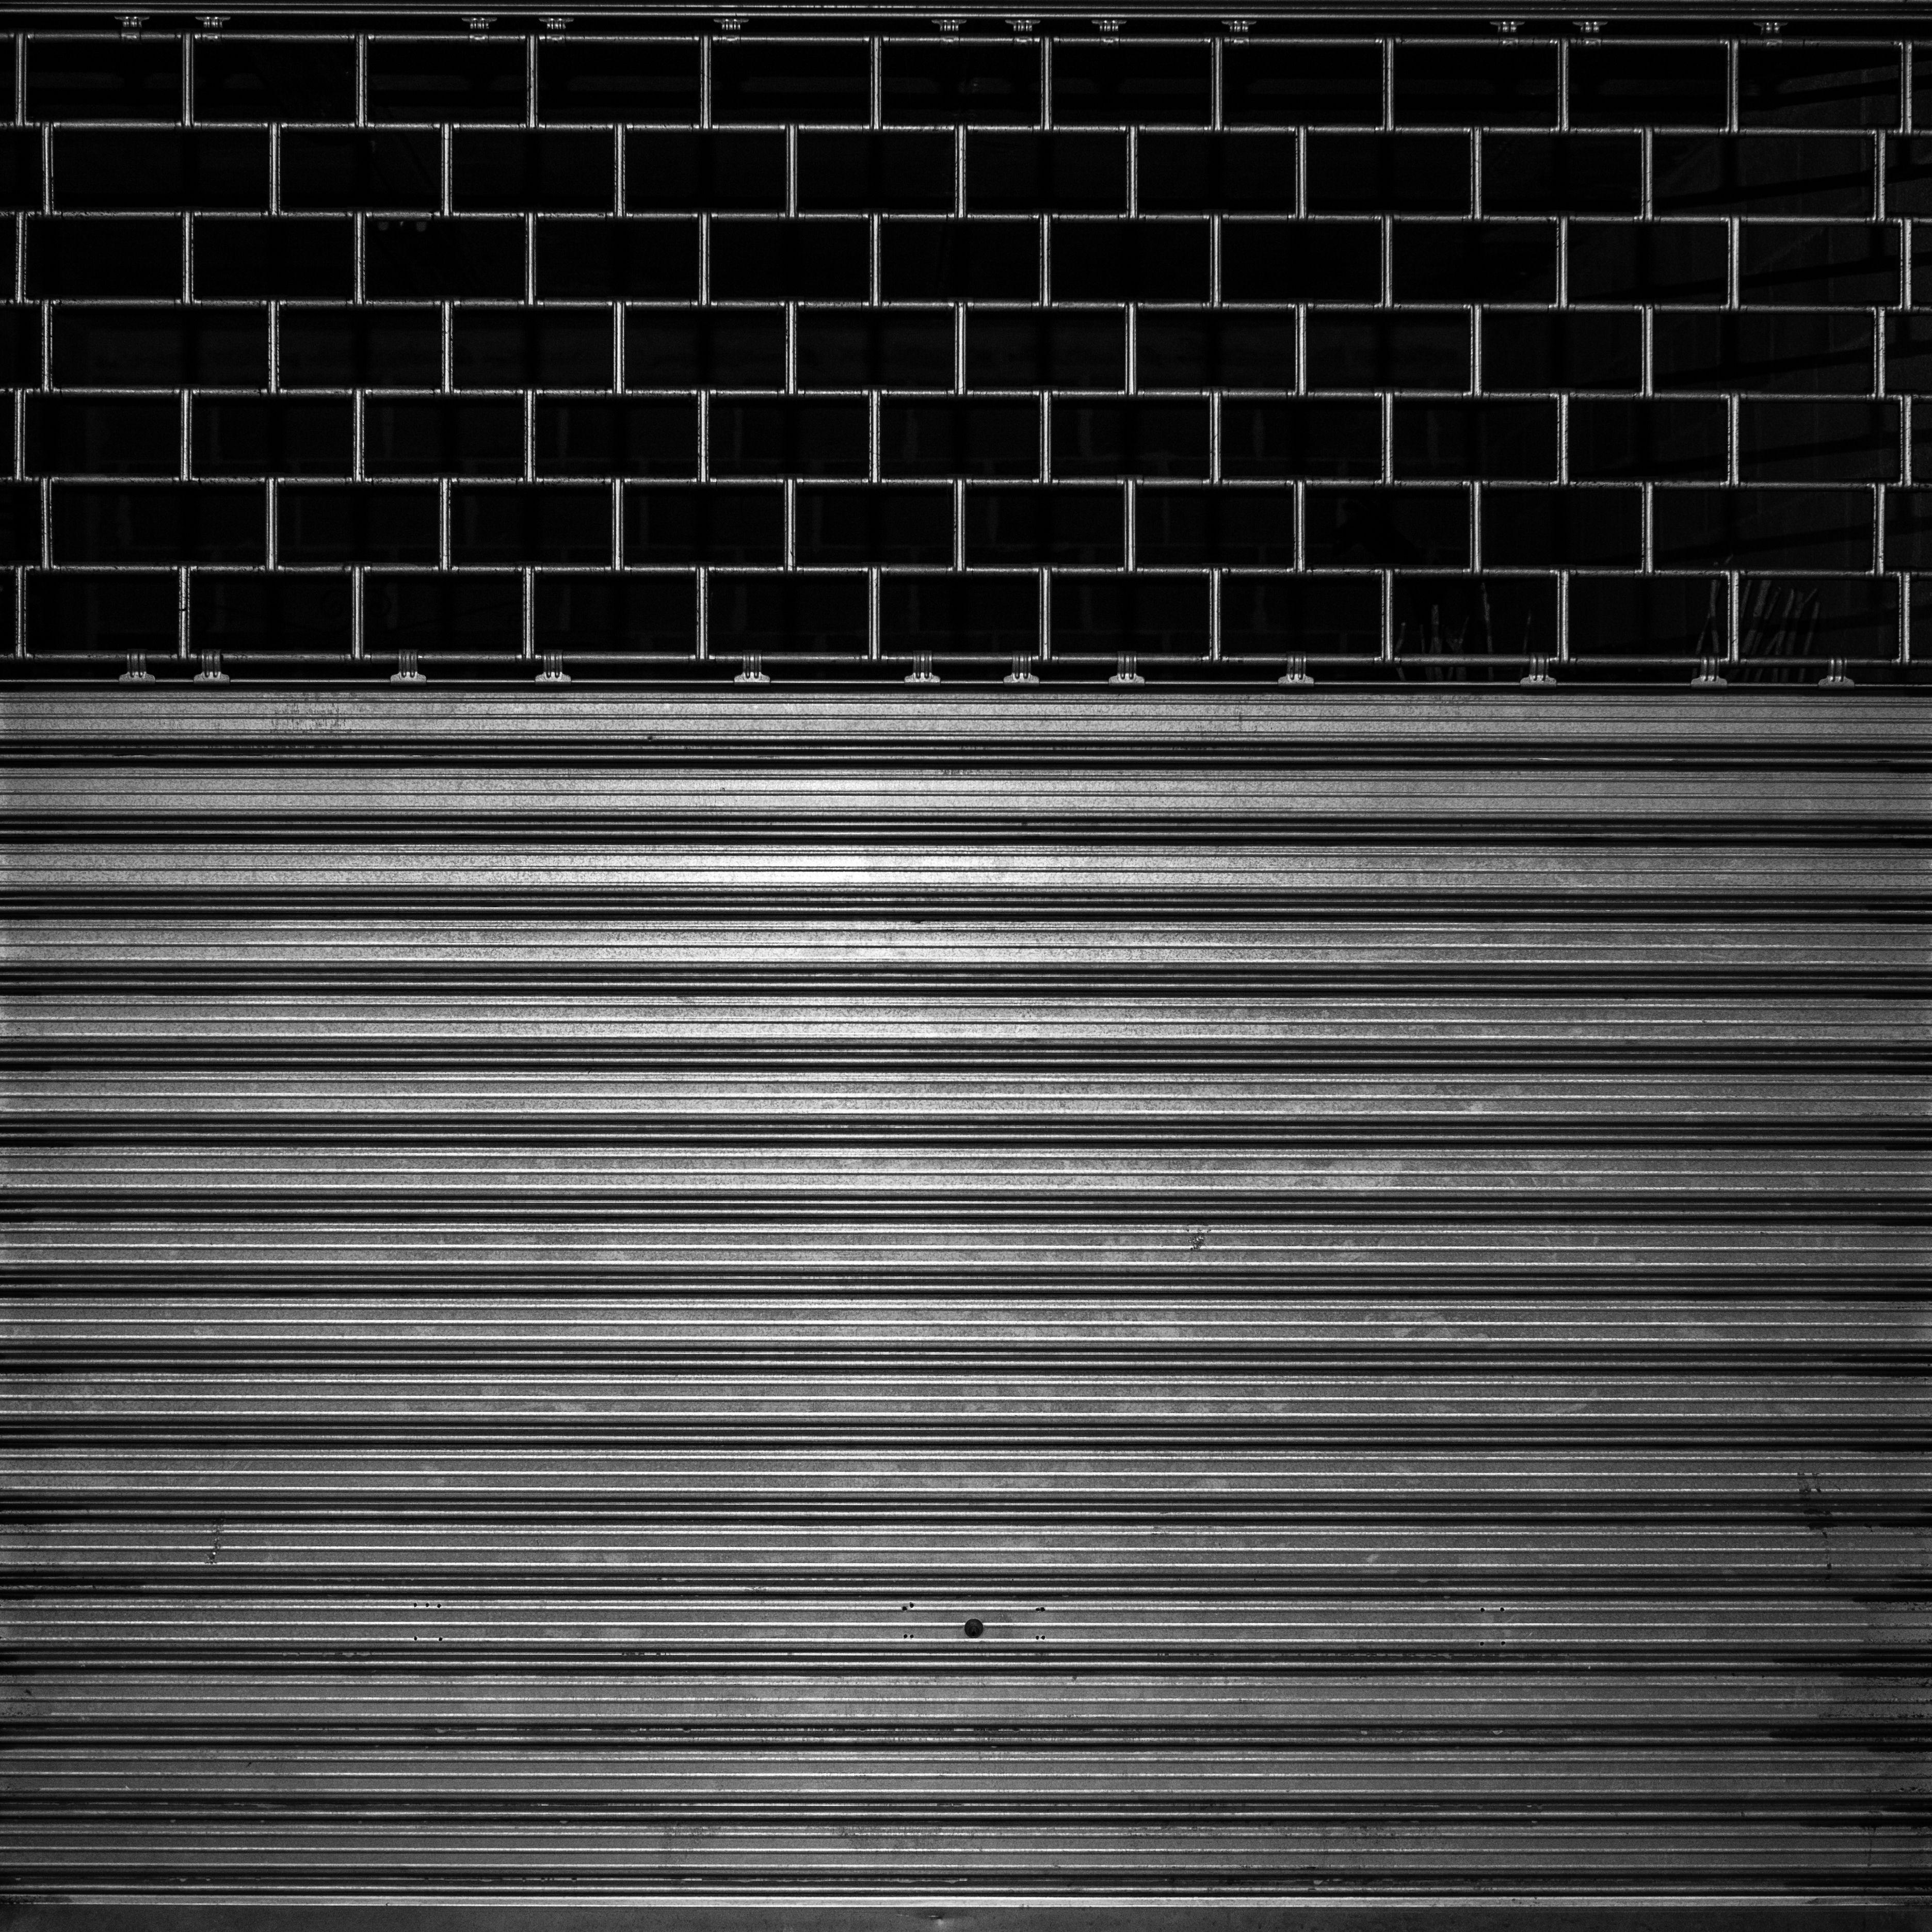 Fabricación y reparación de puertas de locales comerciales y de garaje: Servicios de Cerrajería M. A. 24 Horas